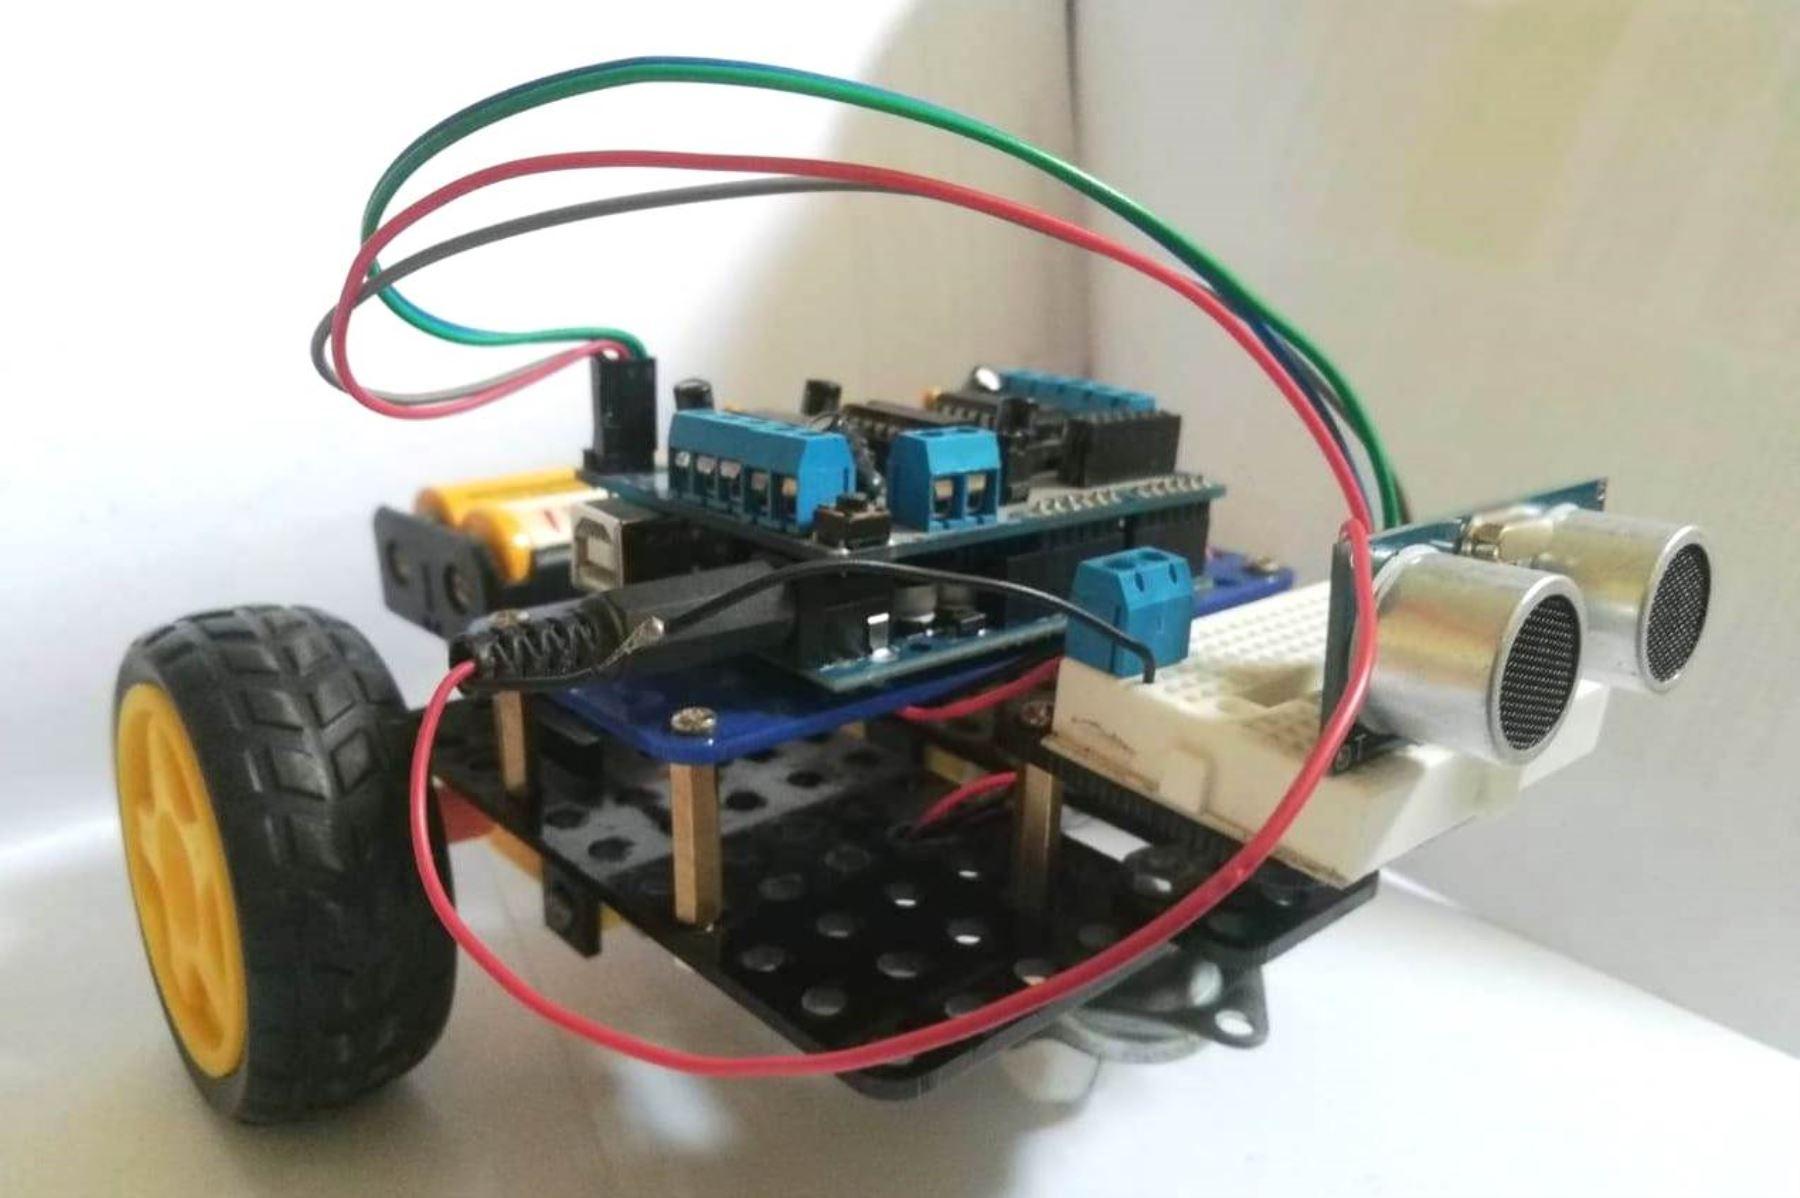 ¡Atención padres! UNI dictará talleres de robótica para niños a costo social. Foto: ANDINA/Difusión.